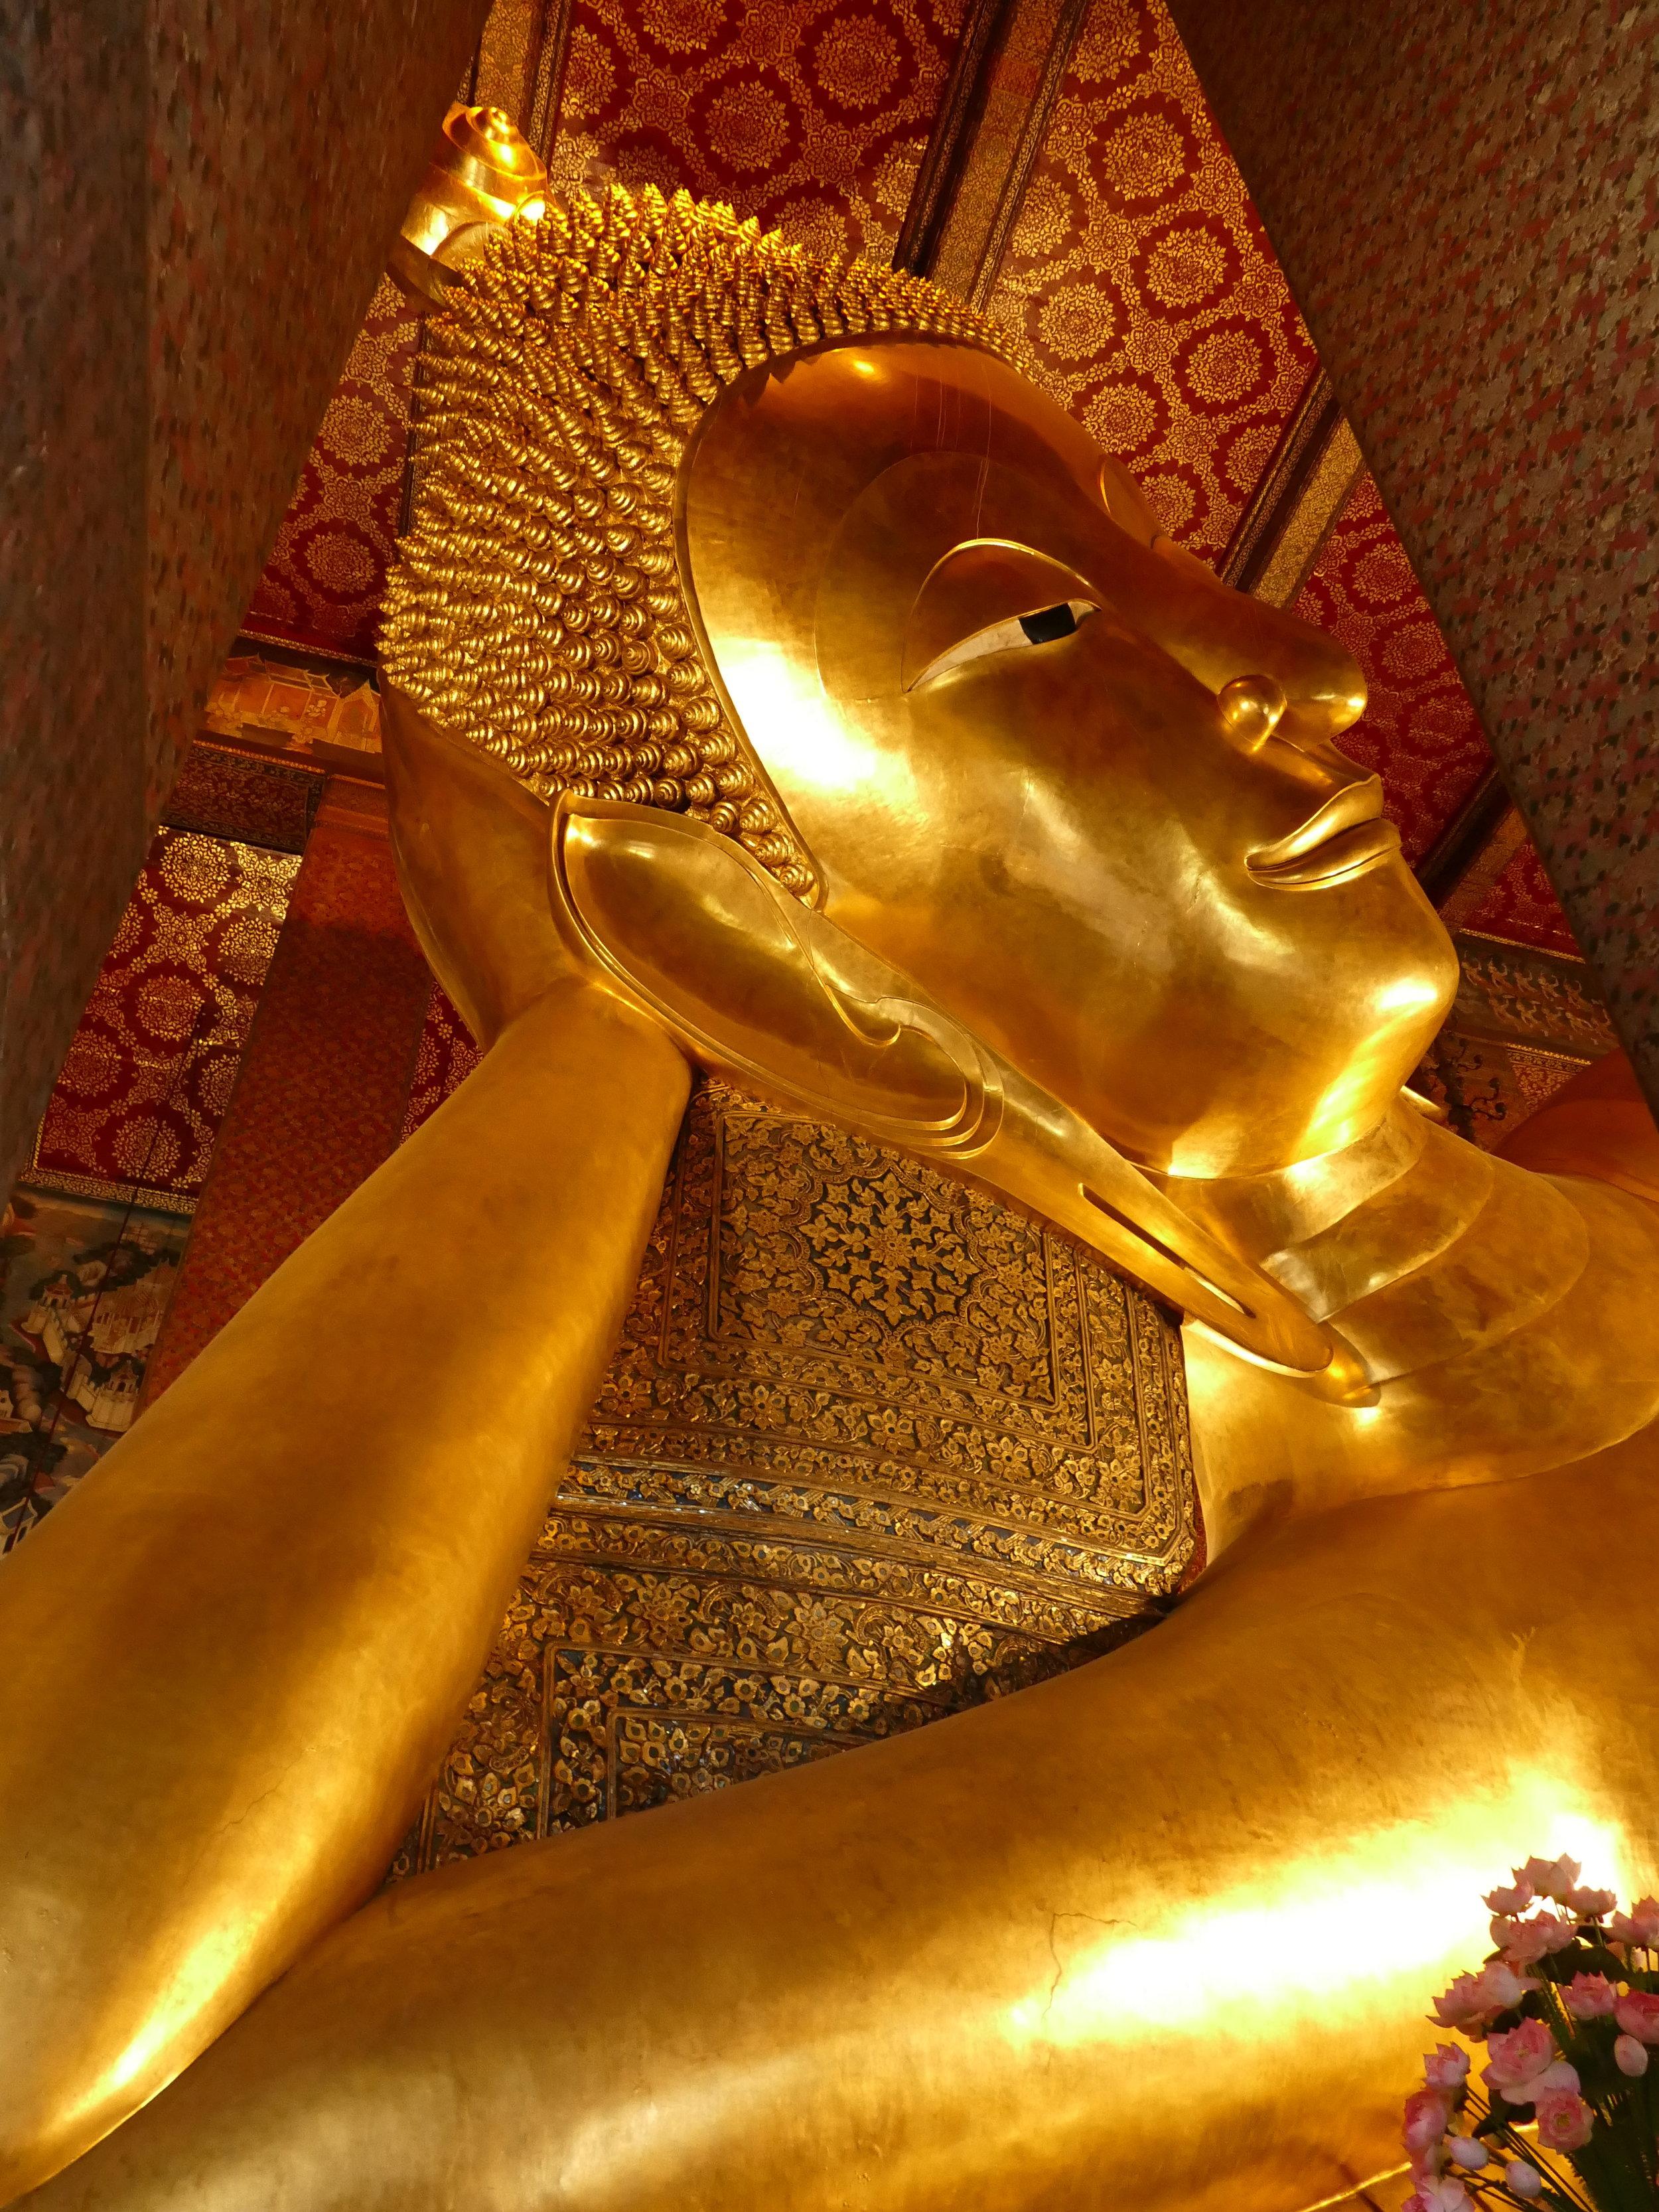 Le célèbre Bouddha couché, notre préféré!!